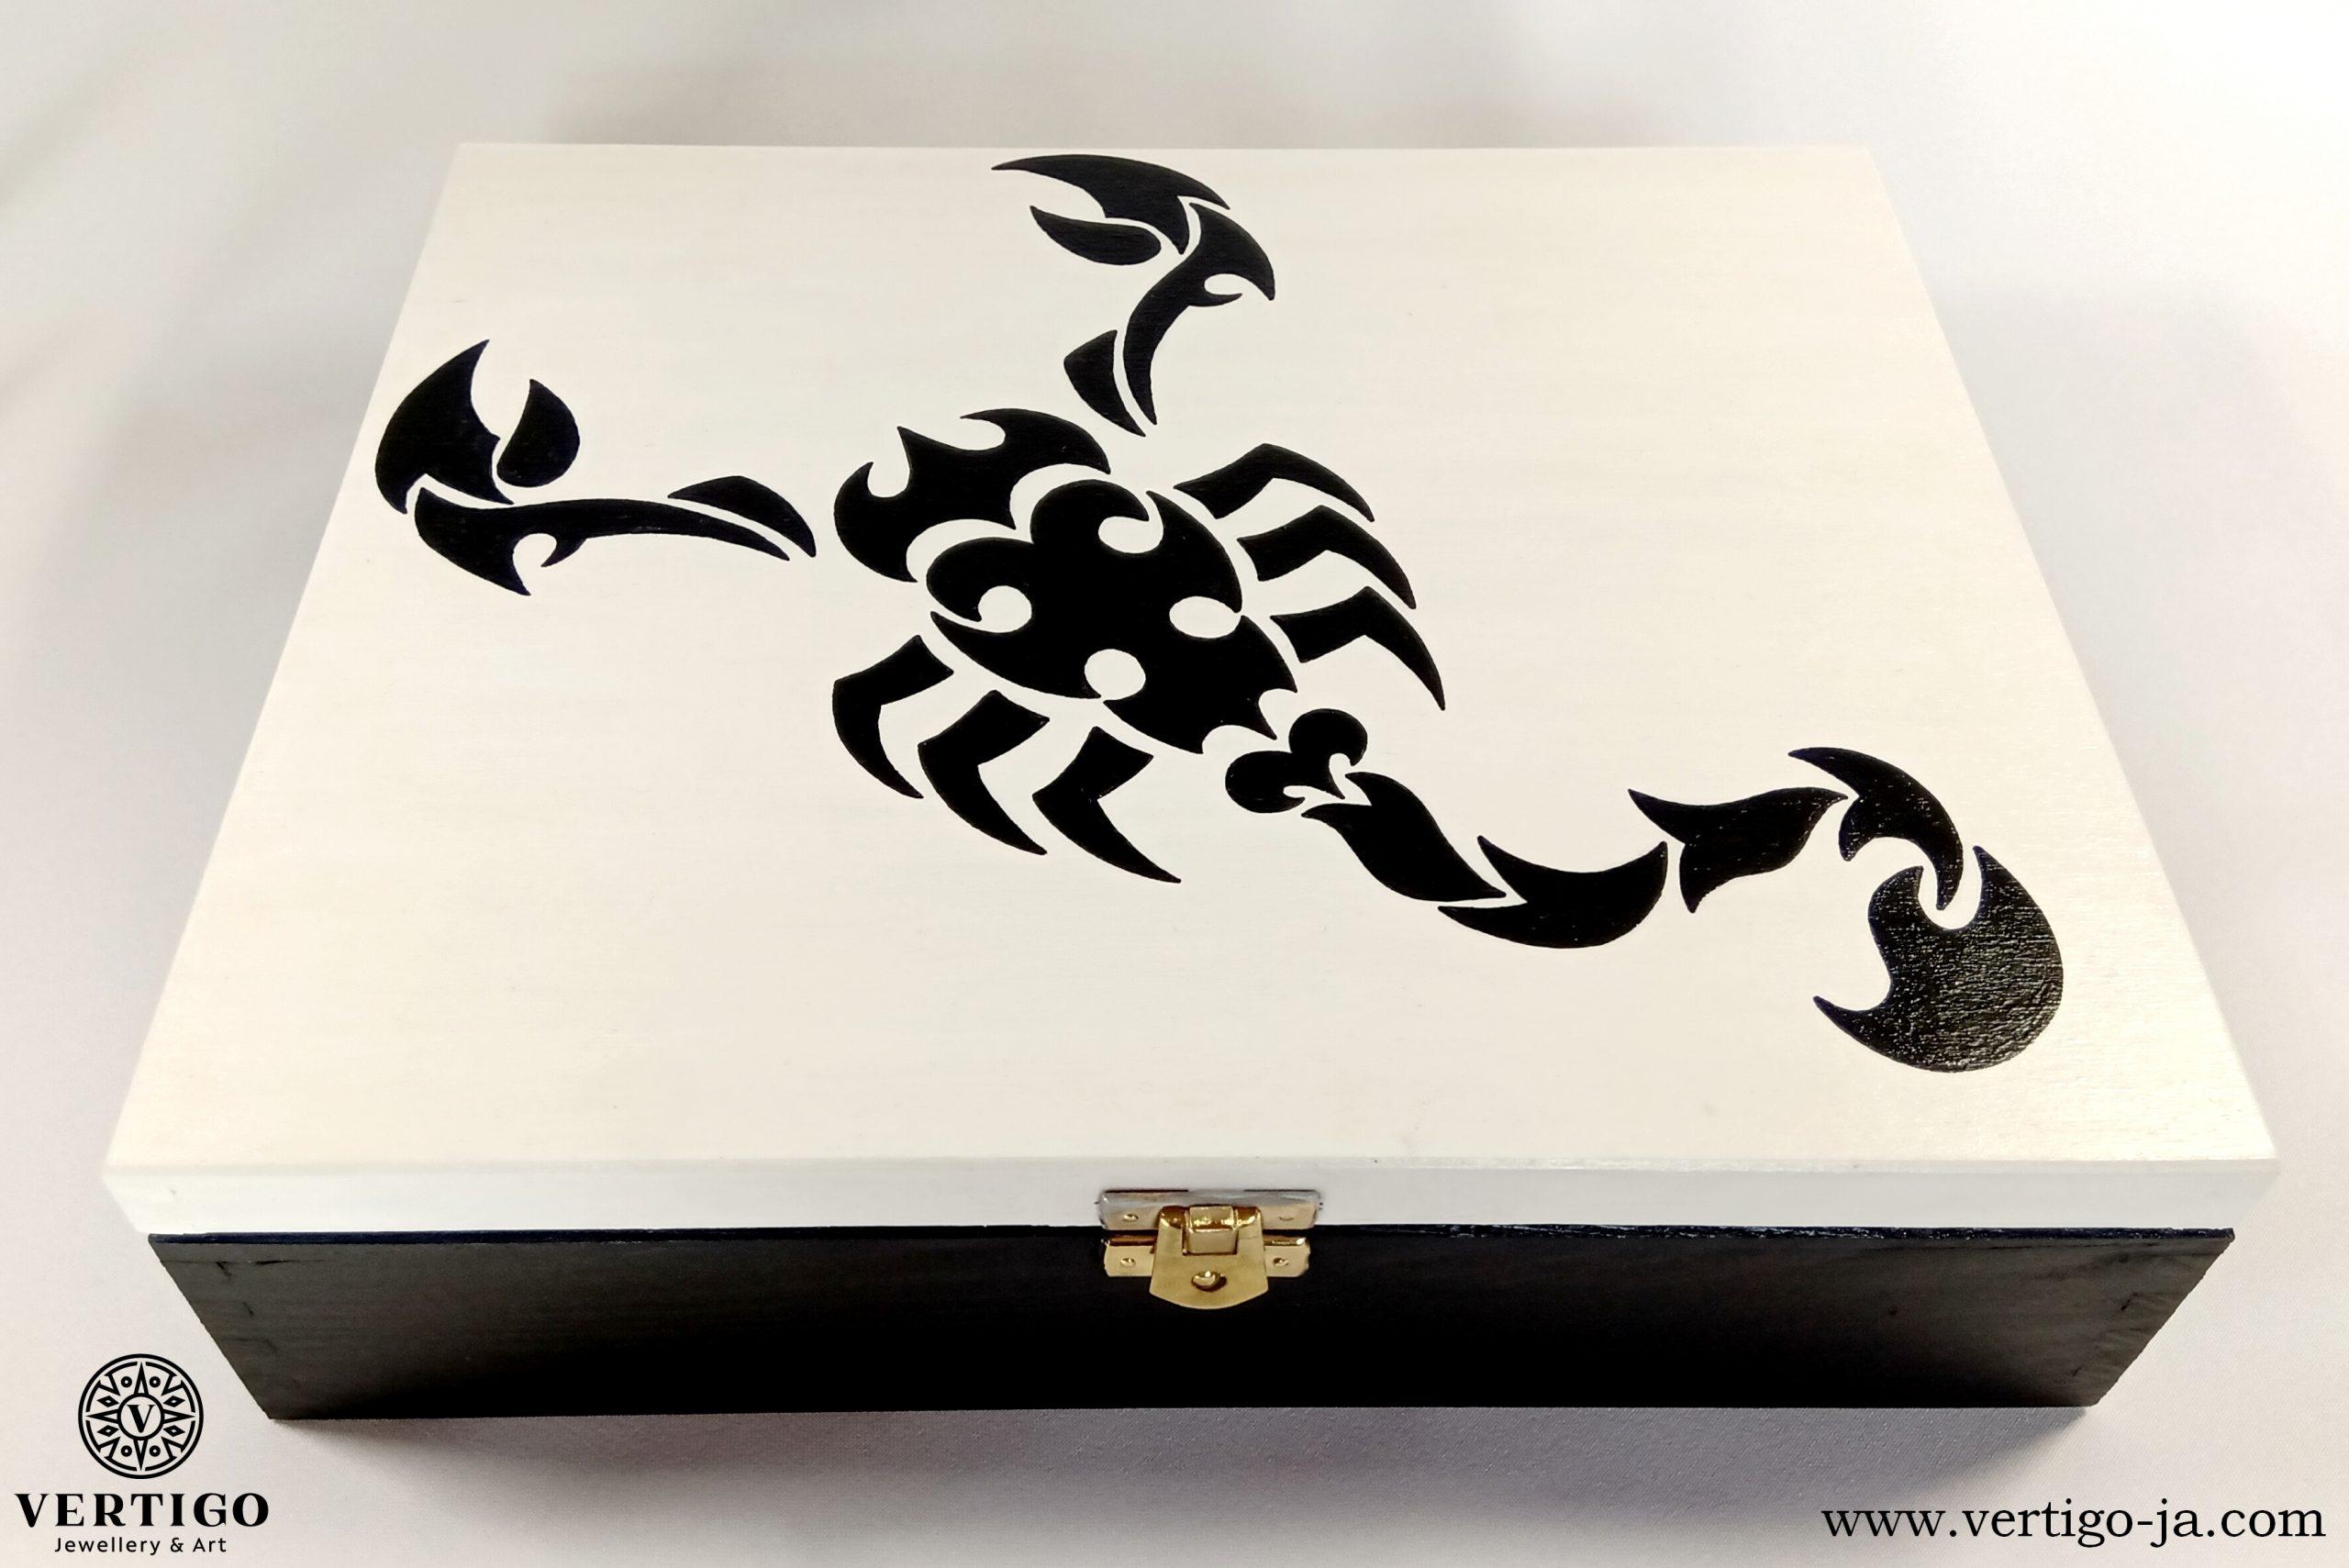 Wieczko drewnianej, czarno-białej szkatułki ze skorpionem